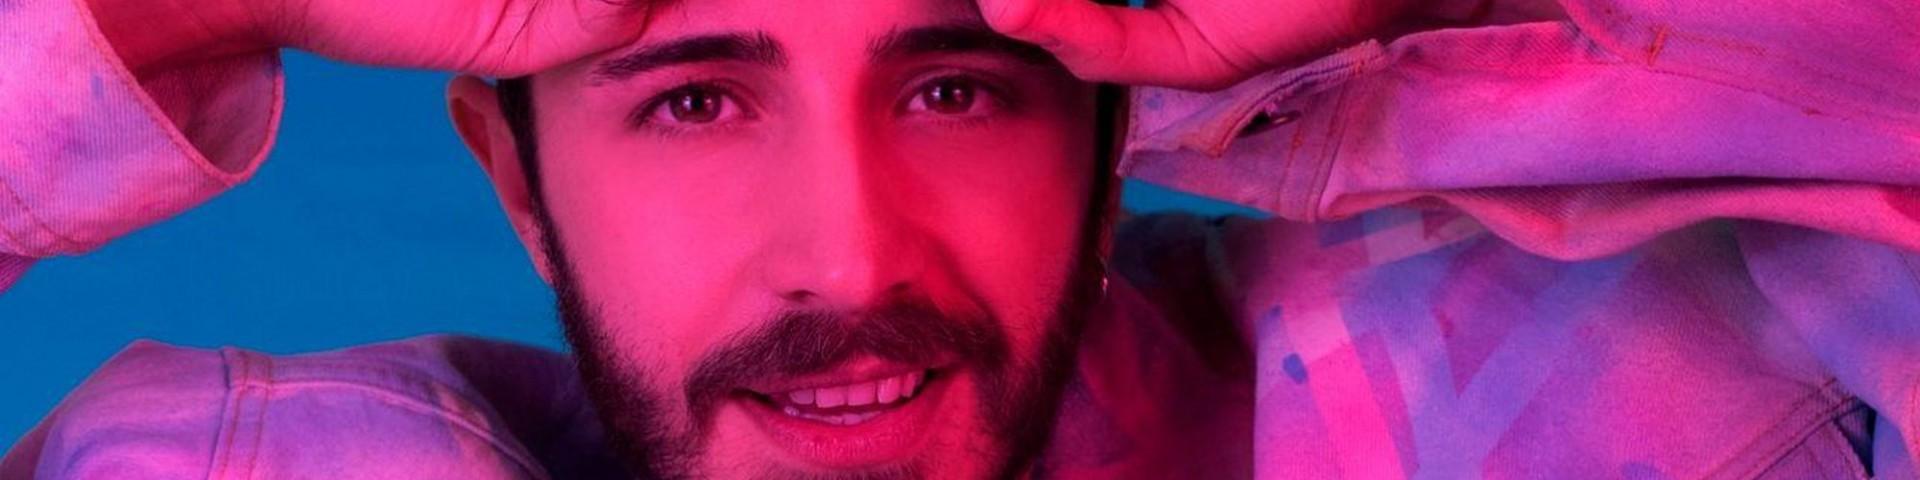 """Osvaldo Supino: """"Un duetto con Alejandro Sanz sarebbe un sogno"""" - Video"""